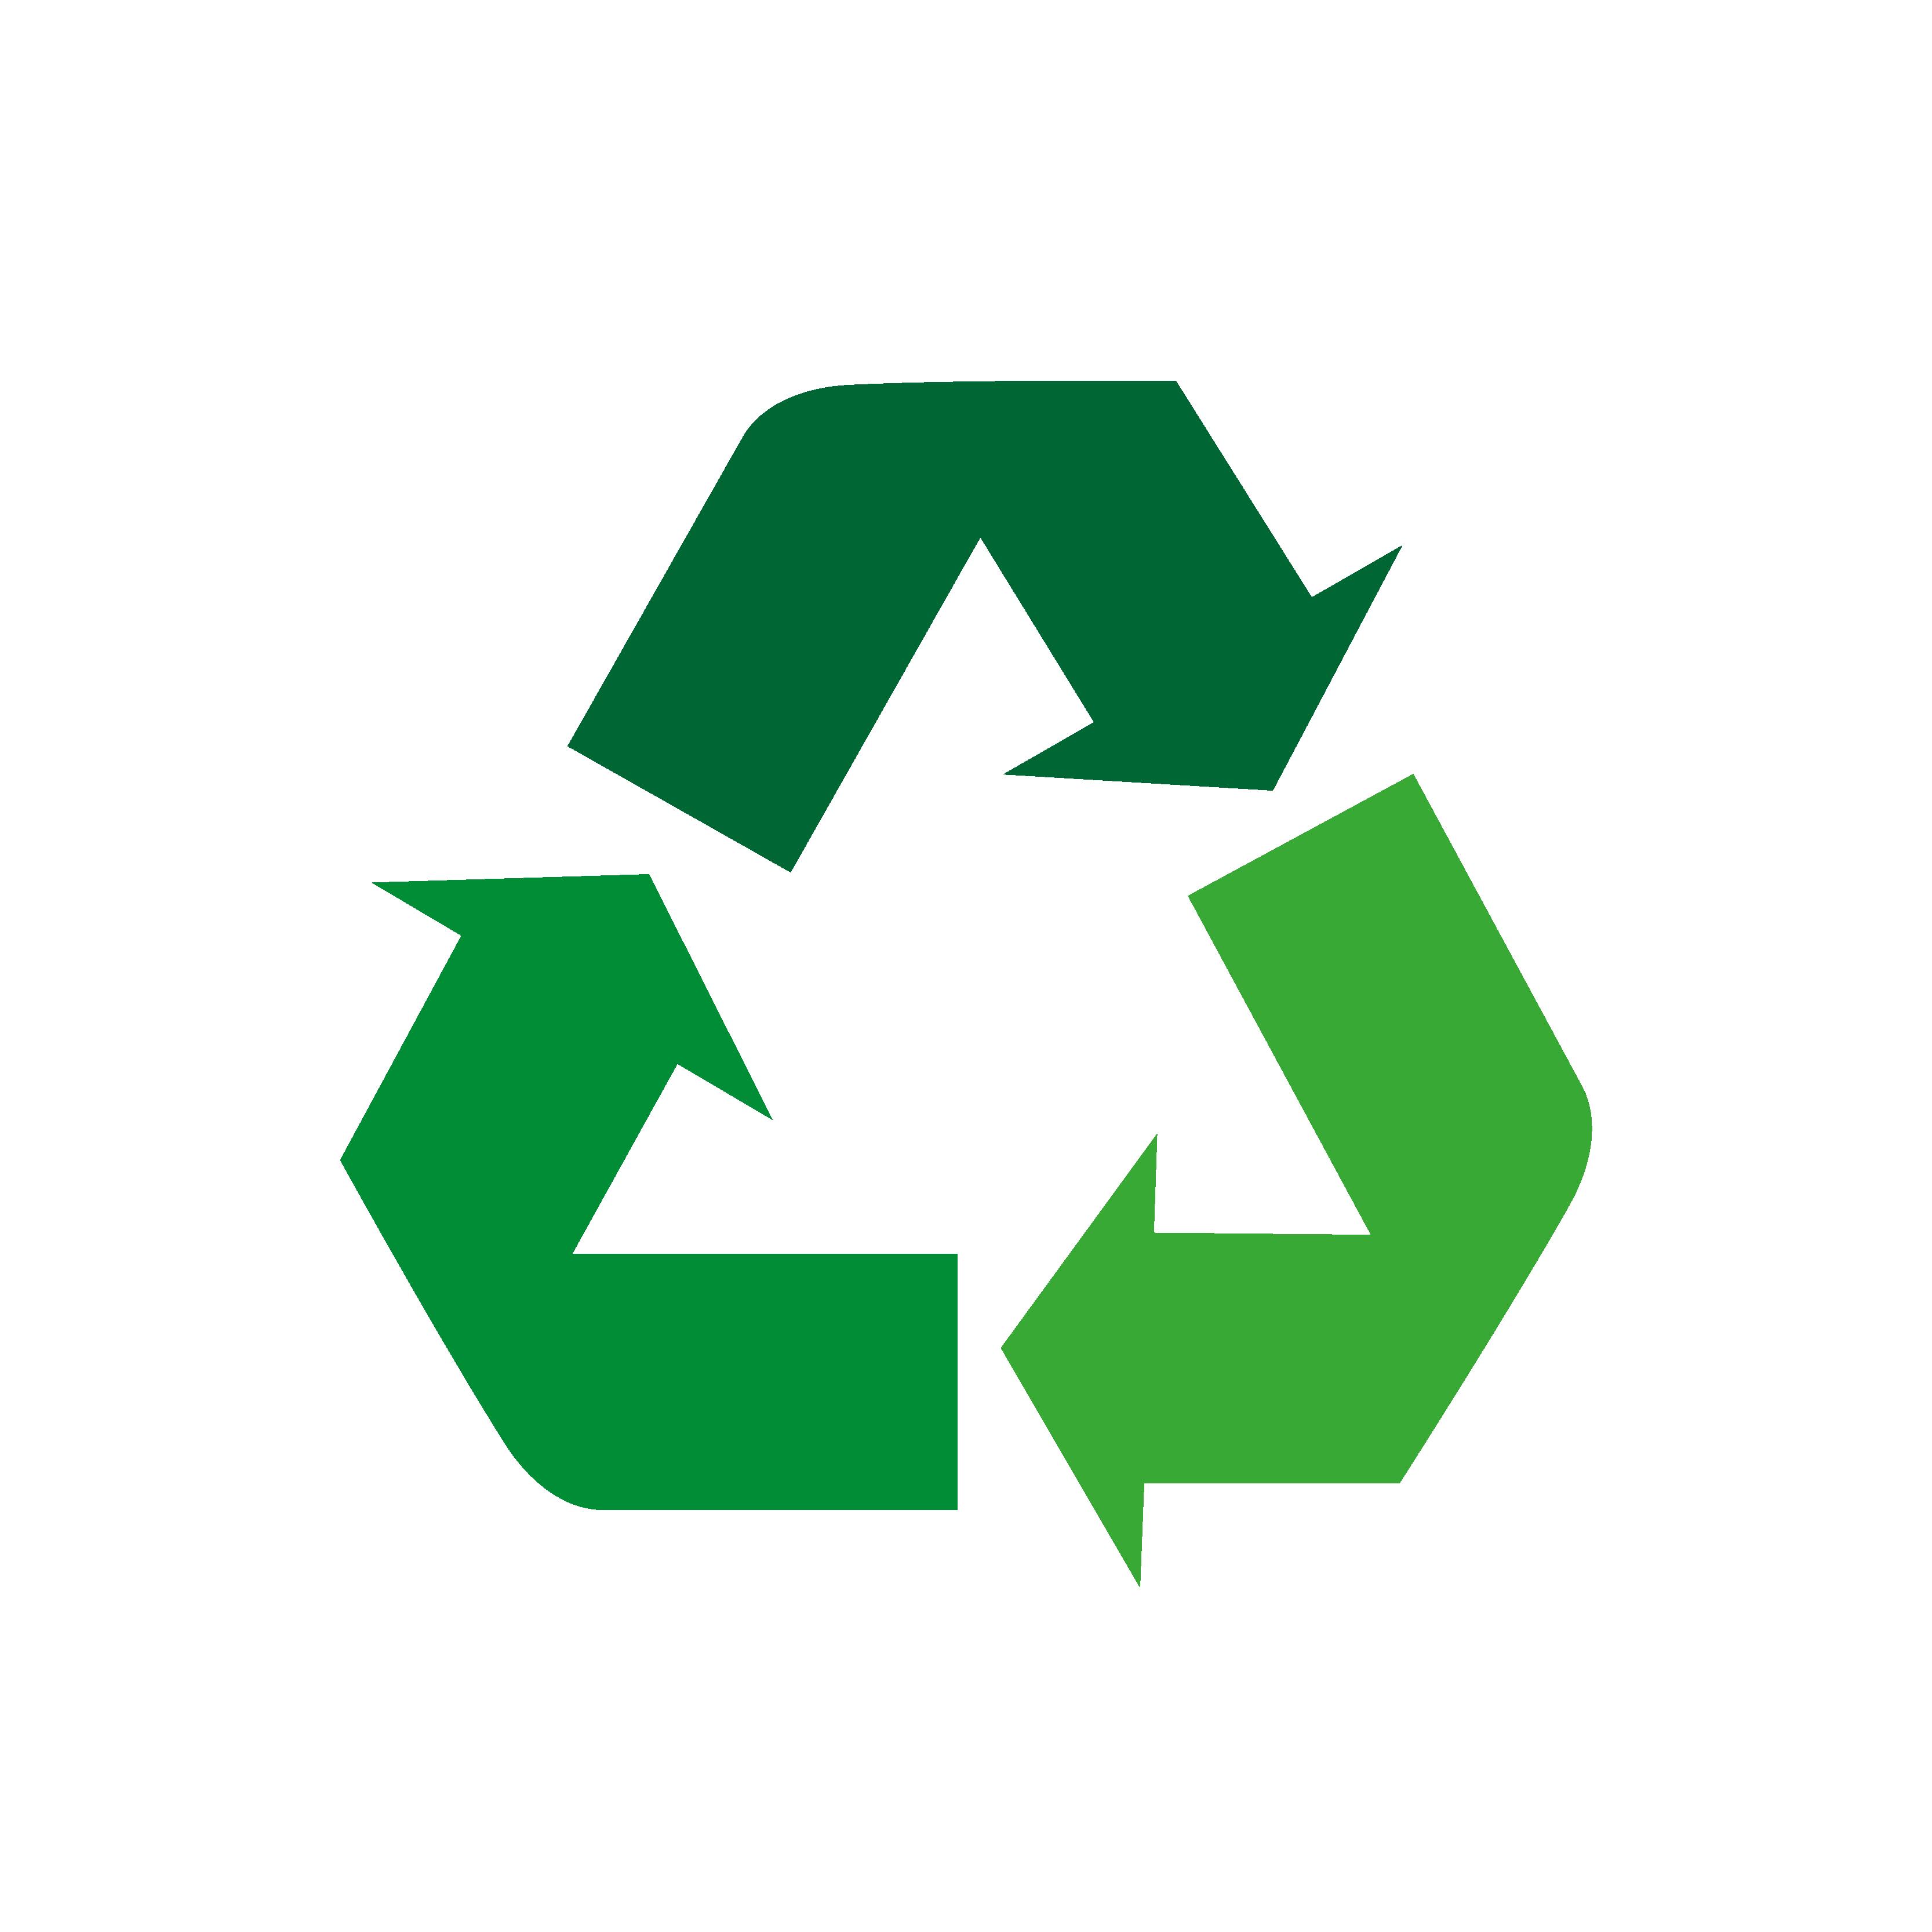 Сбор, транспортировка, обезвреживание и утилизация промышленных опасных отходов.